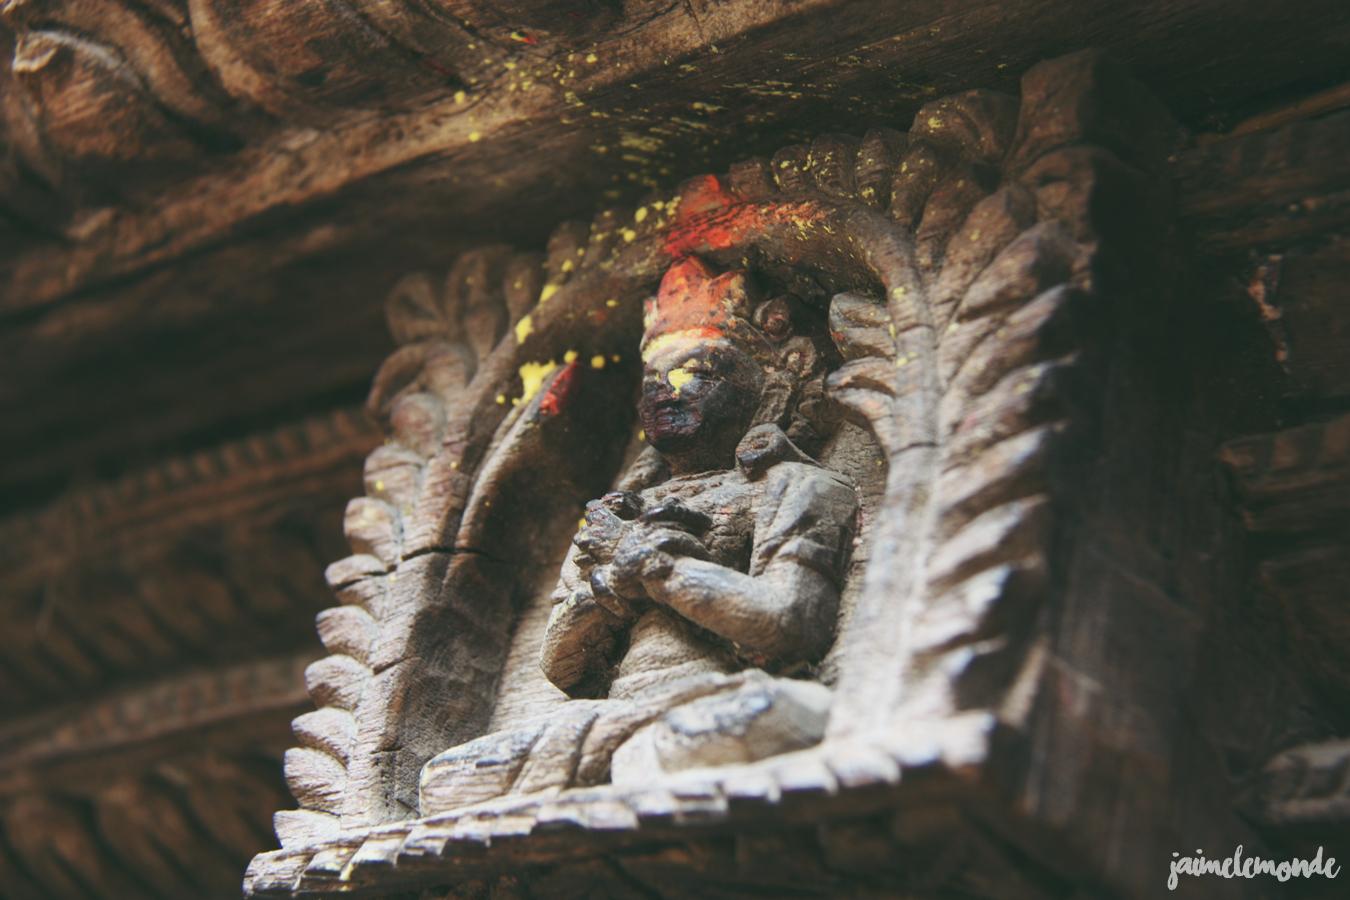 Blog voyage - 50 photos au Népal - ©jaimelemonde (1)